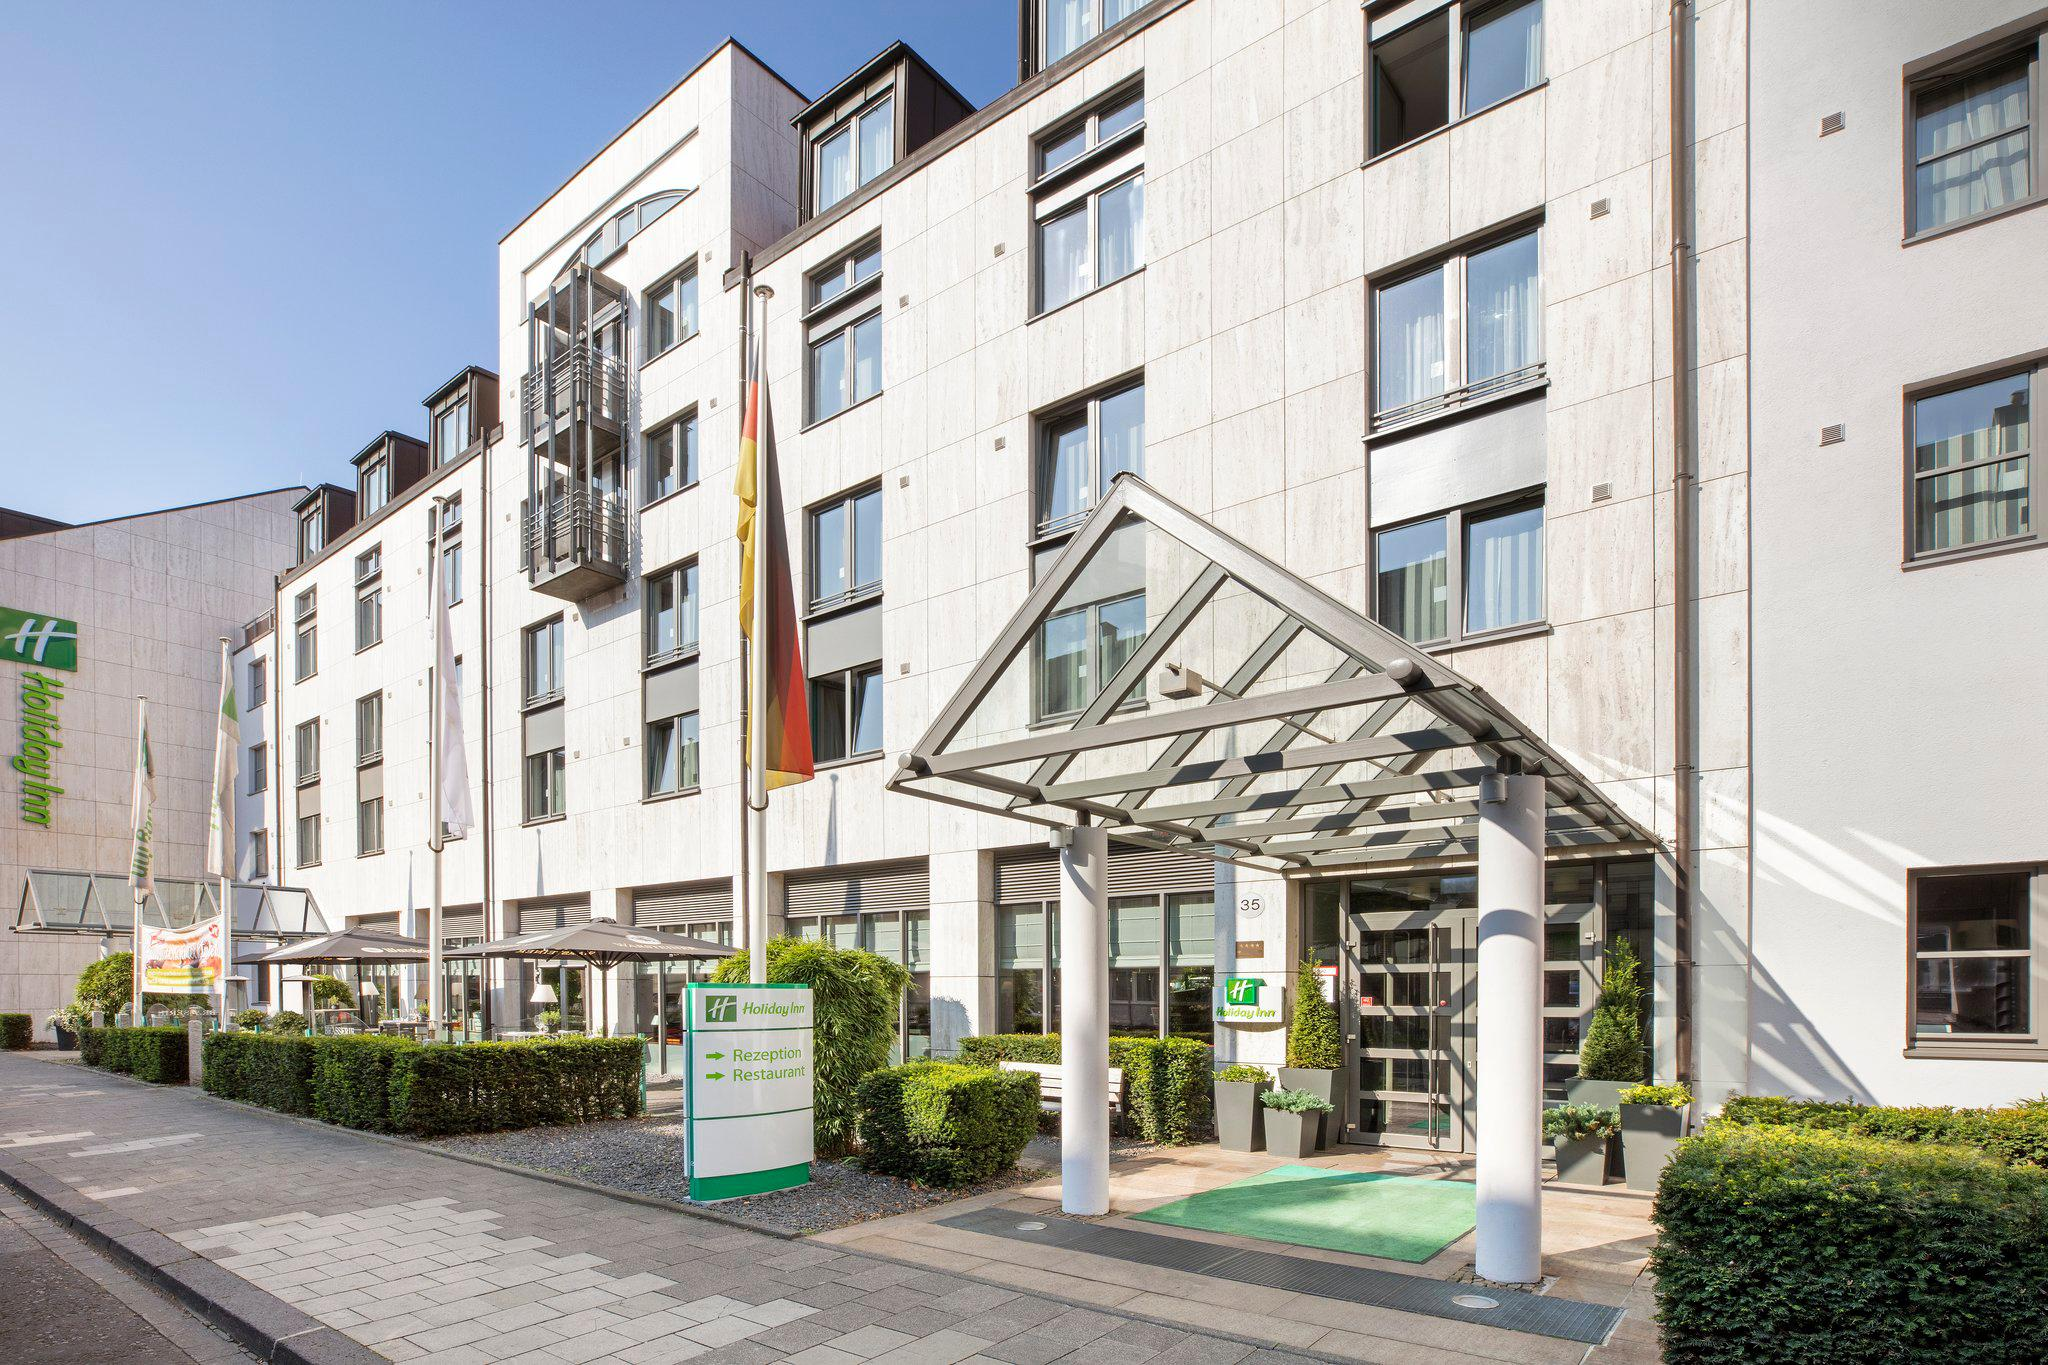 Holiday Inn Dusseldorf - Hafen, an IHG Hotel